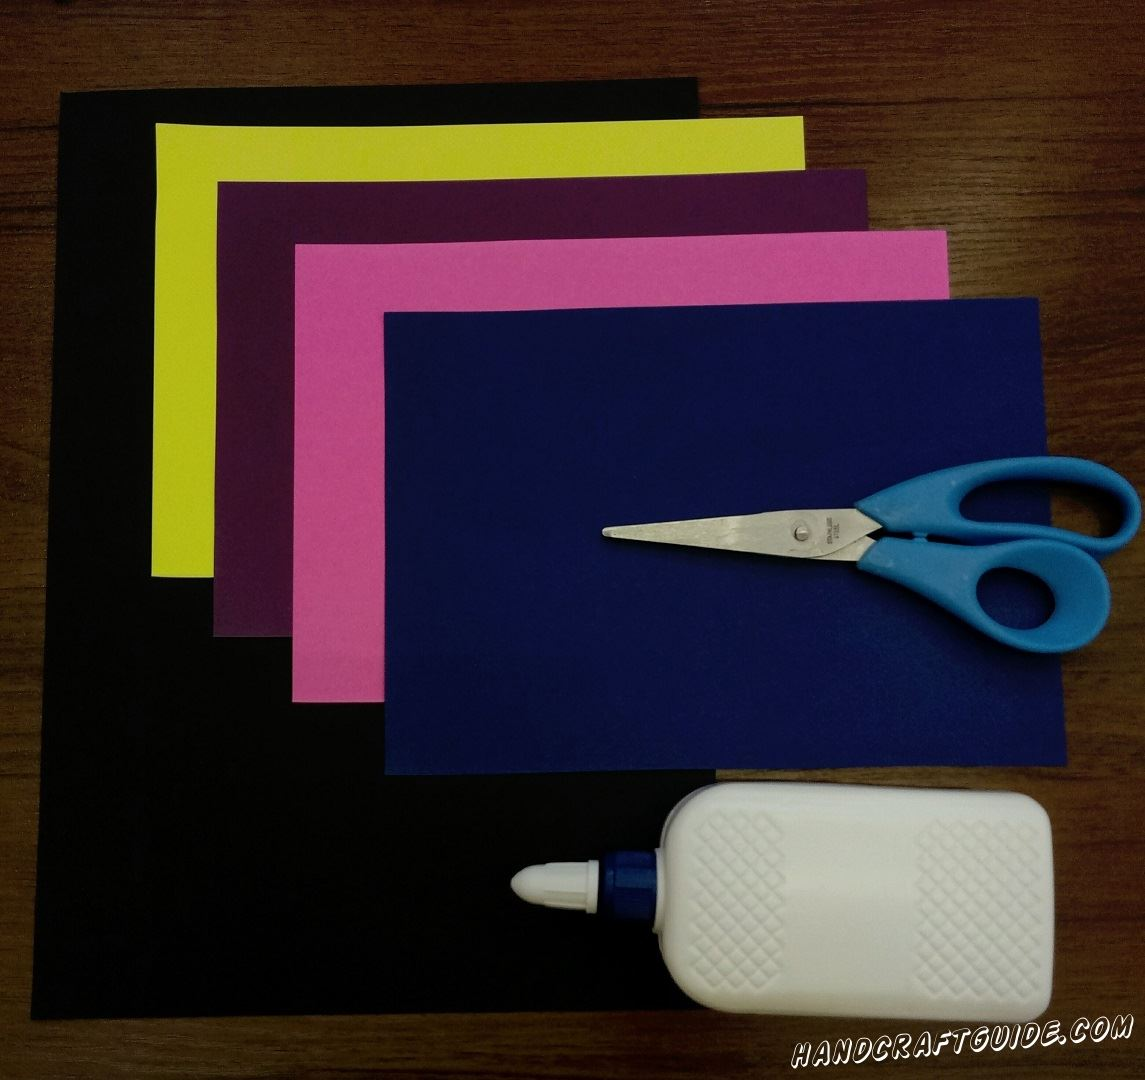 Для этого нам понадобится: Цветная бумага: чёрная, фиолетовая, синяя, розовая, желтая Ножницы Клей ПВА Фигурные ножницы